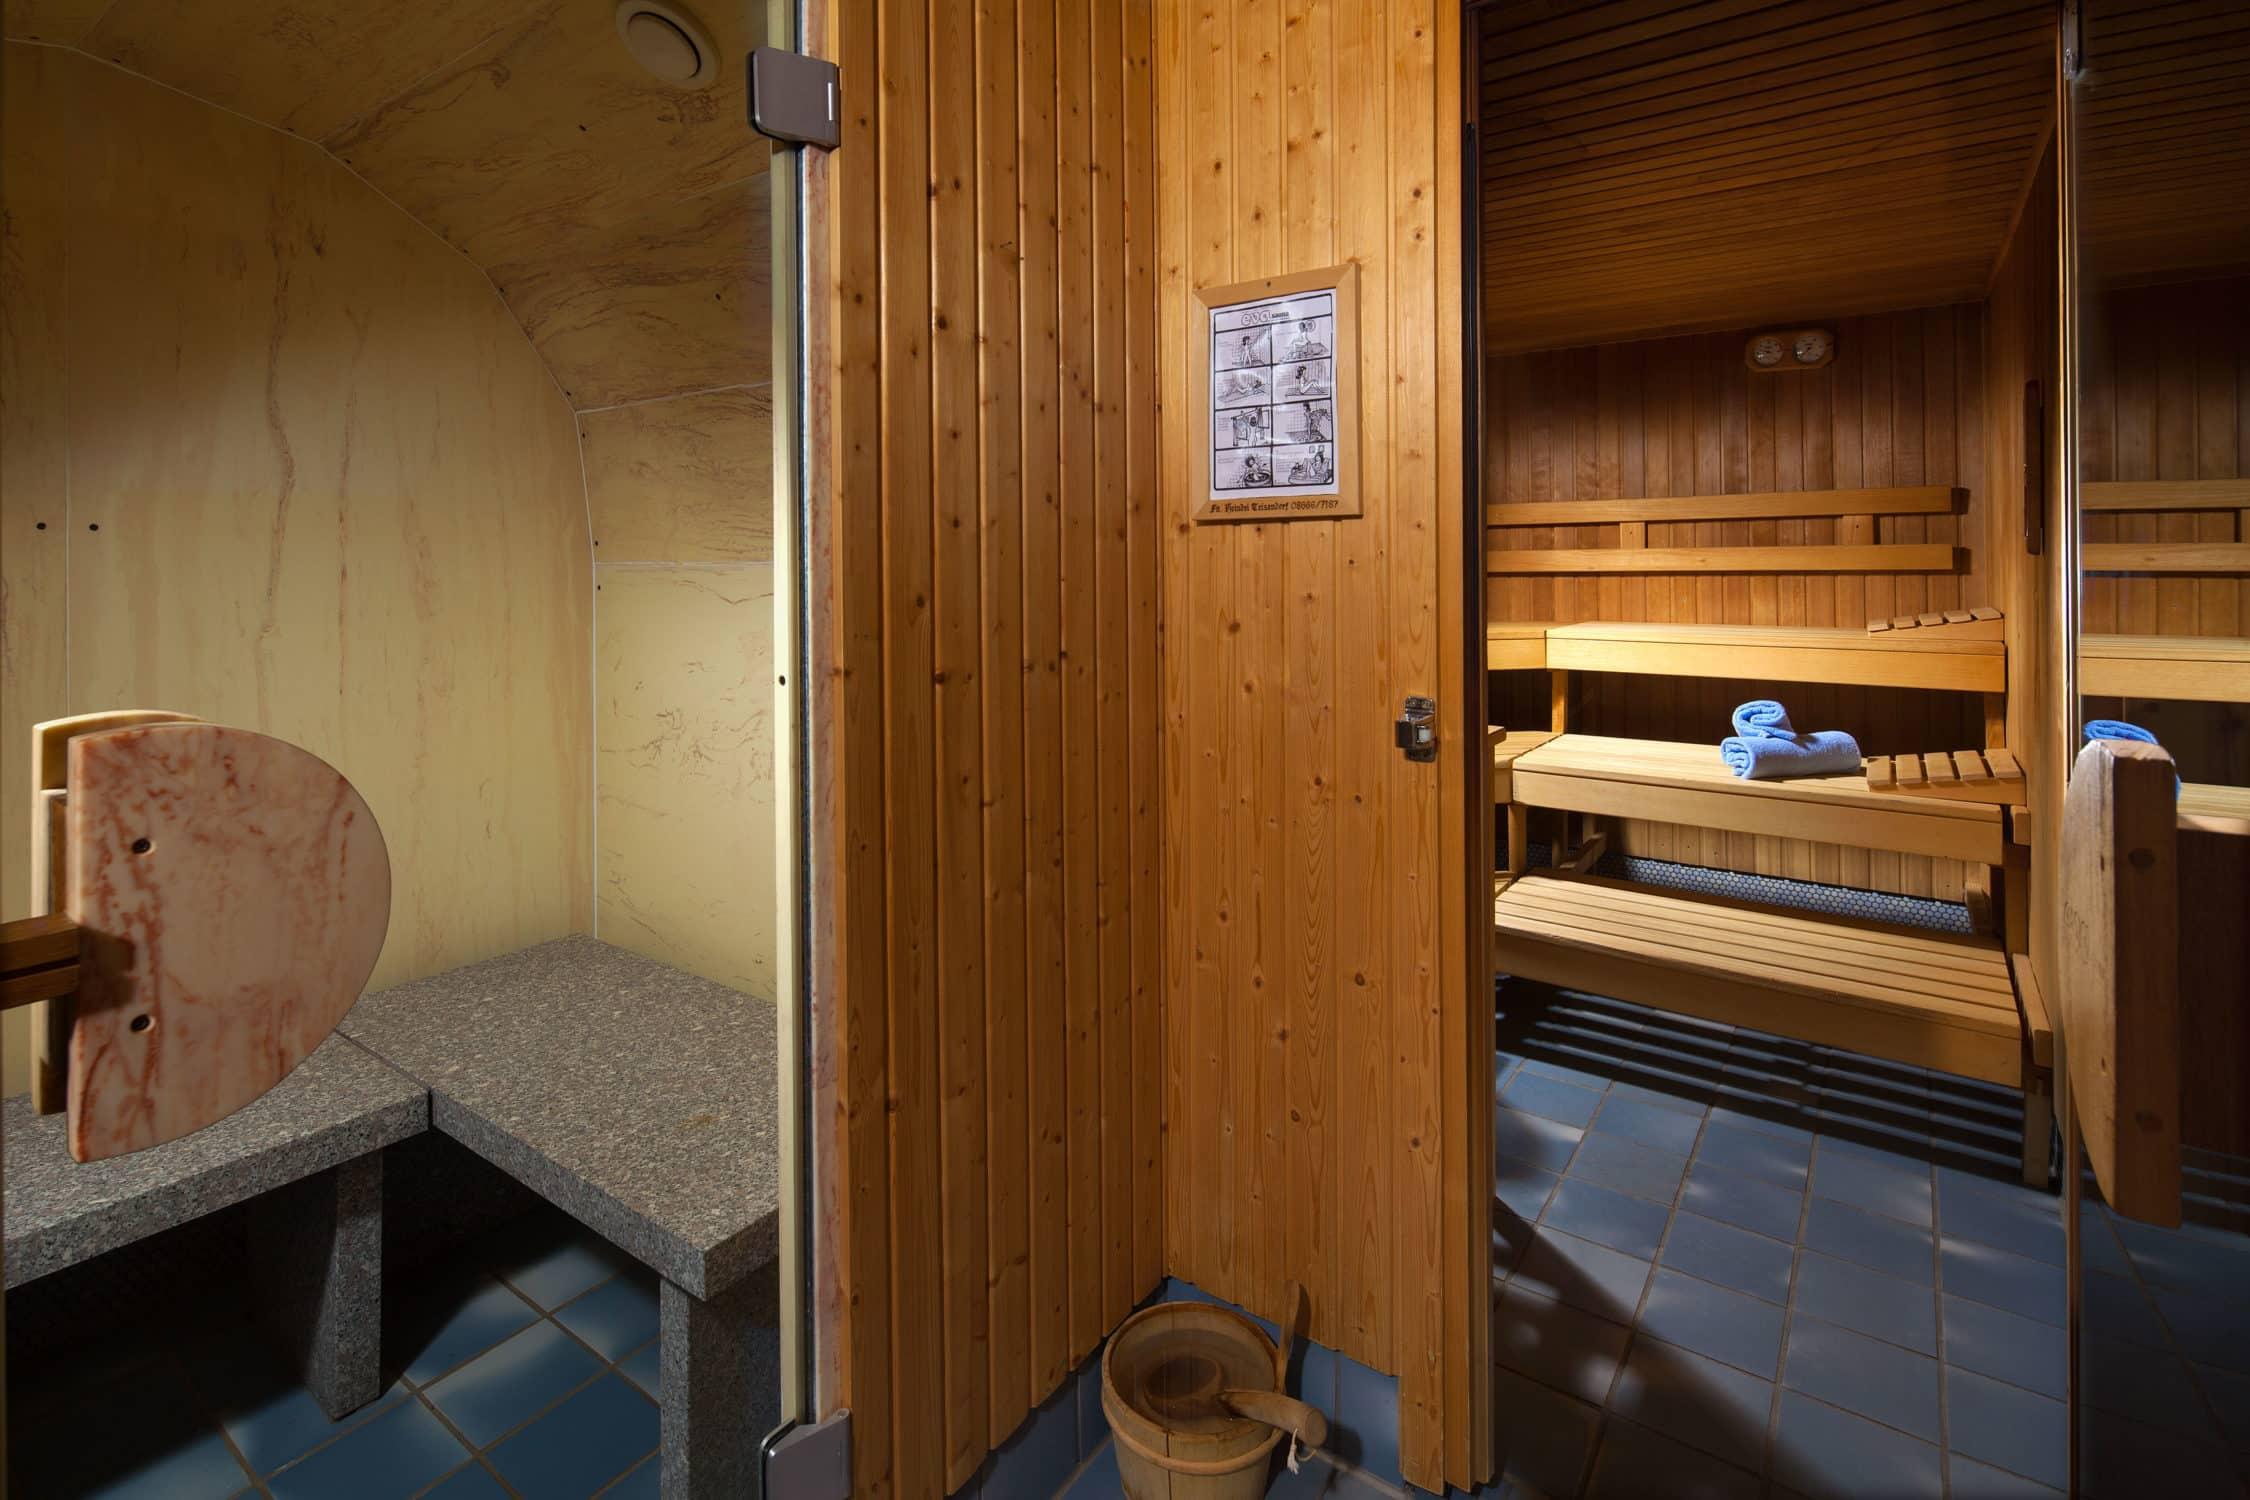 Saunabereich in unserem Hotel Gasthof Nutzkaser, Wellness und Entspannung pur